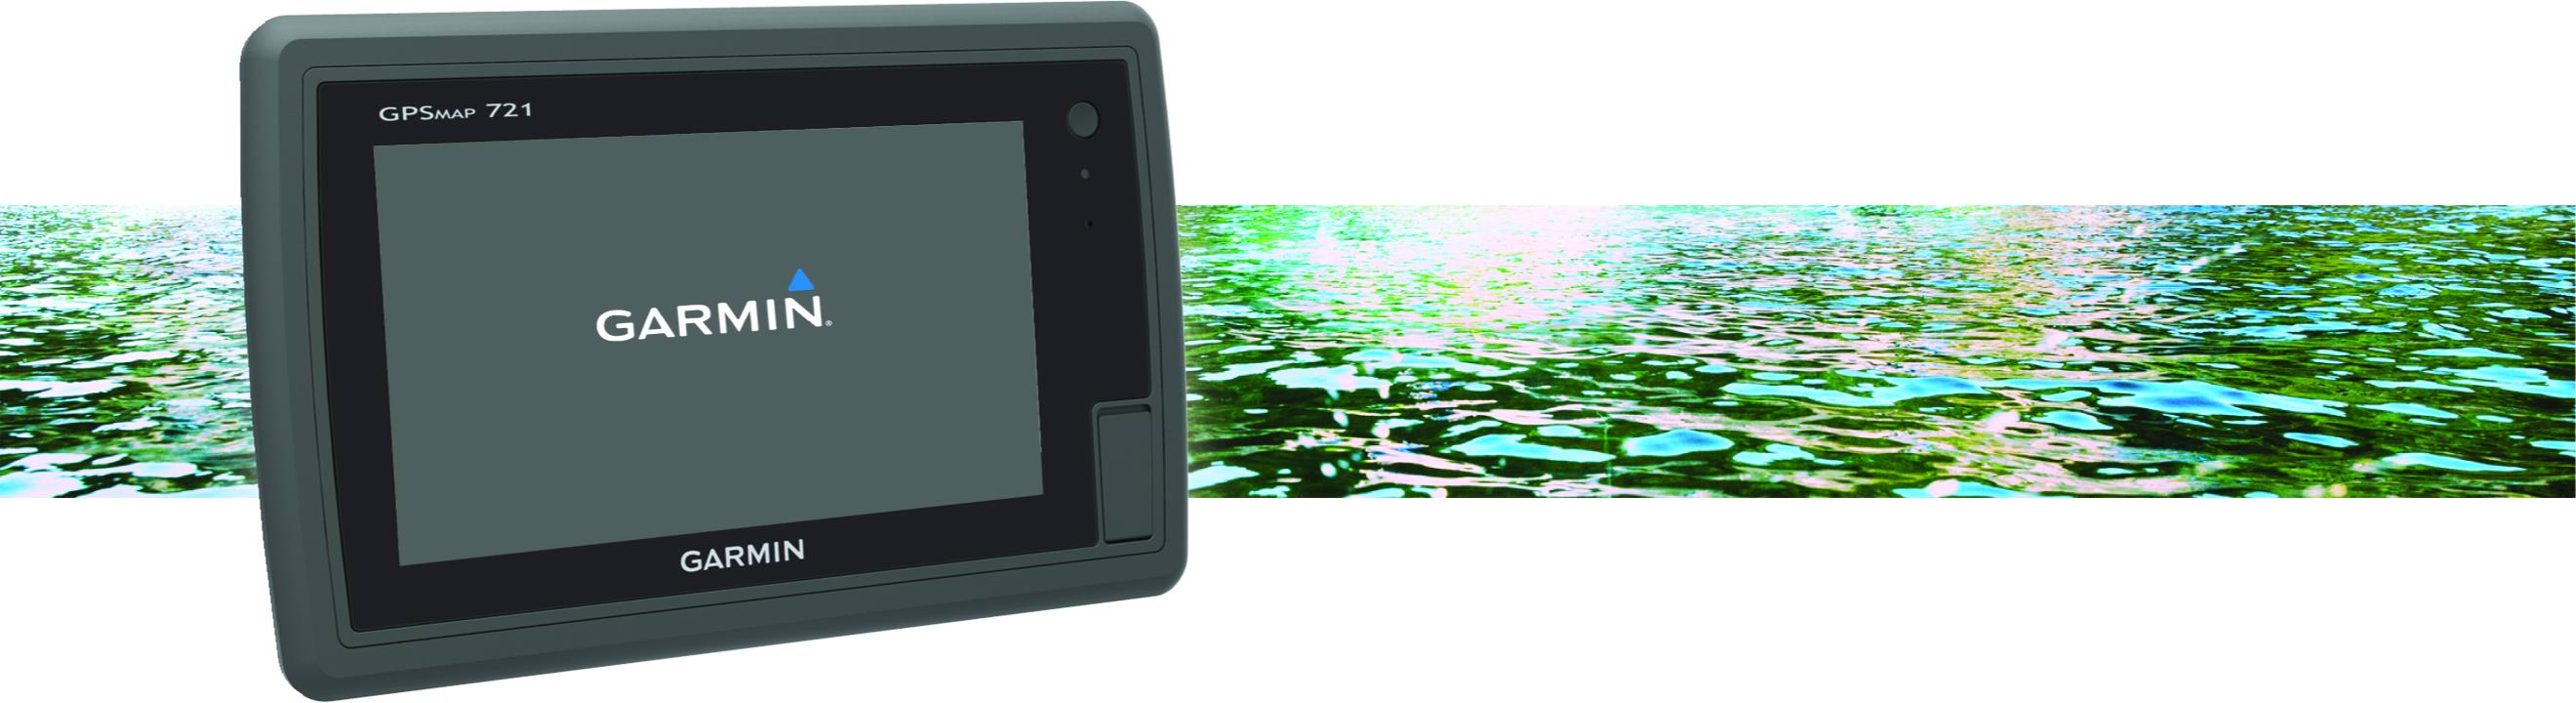 gpsmap 500 700 series and echomap 50 70 series gpsmap 500 700 rh www8 garmin com garmin gpsmap 700 series installation manual Garmin 700 Trucking GPS